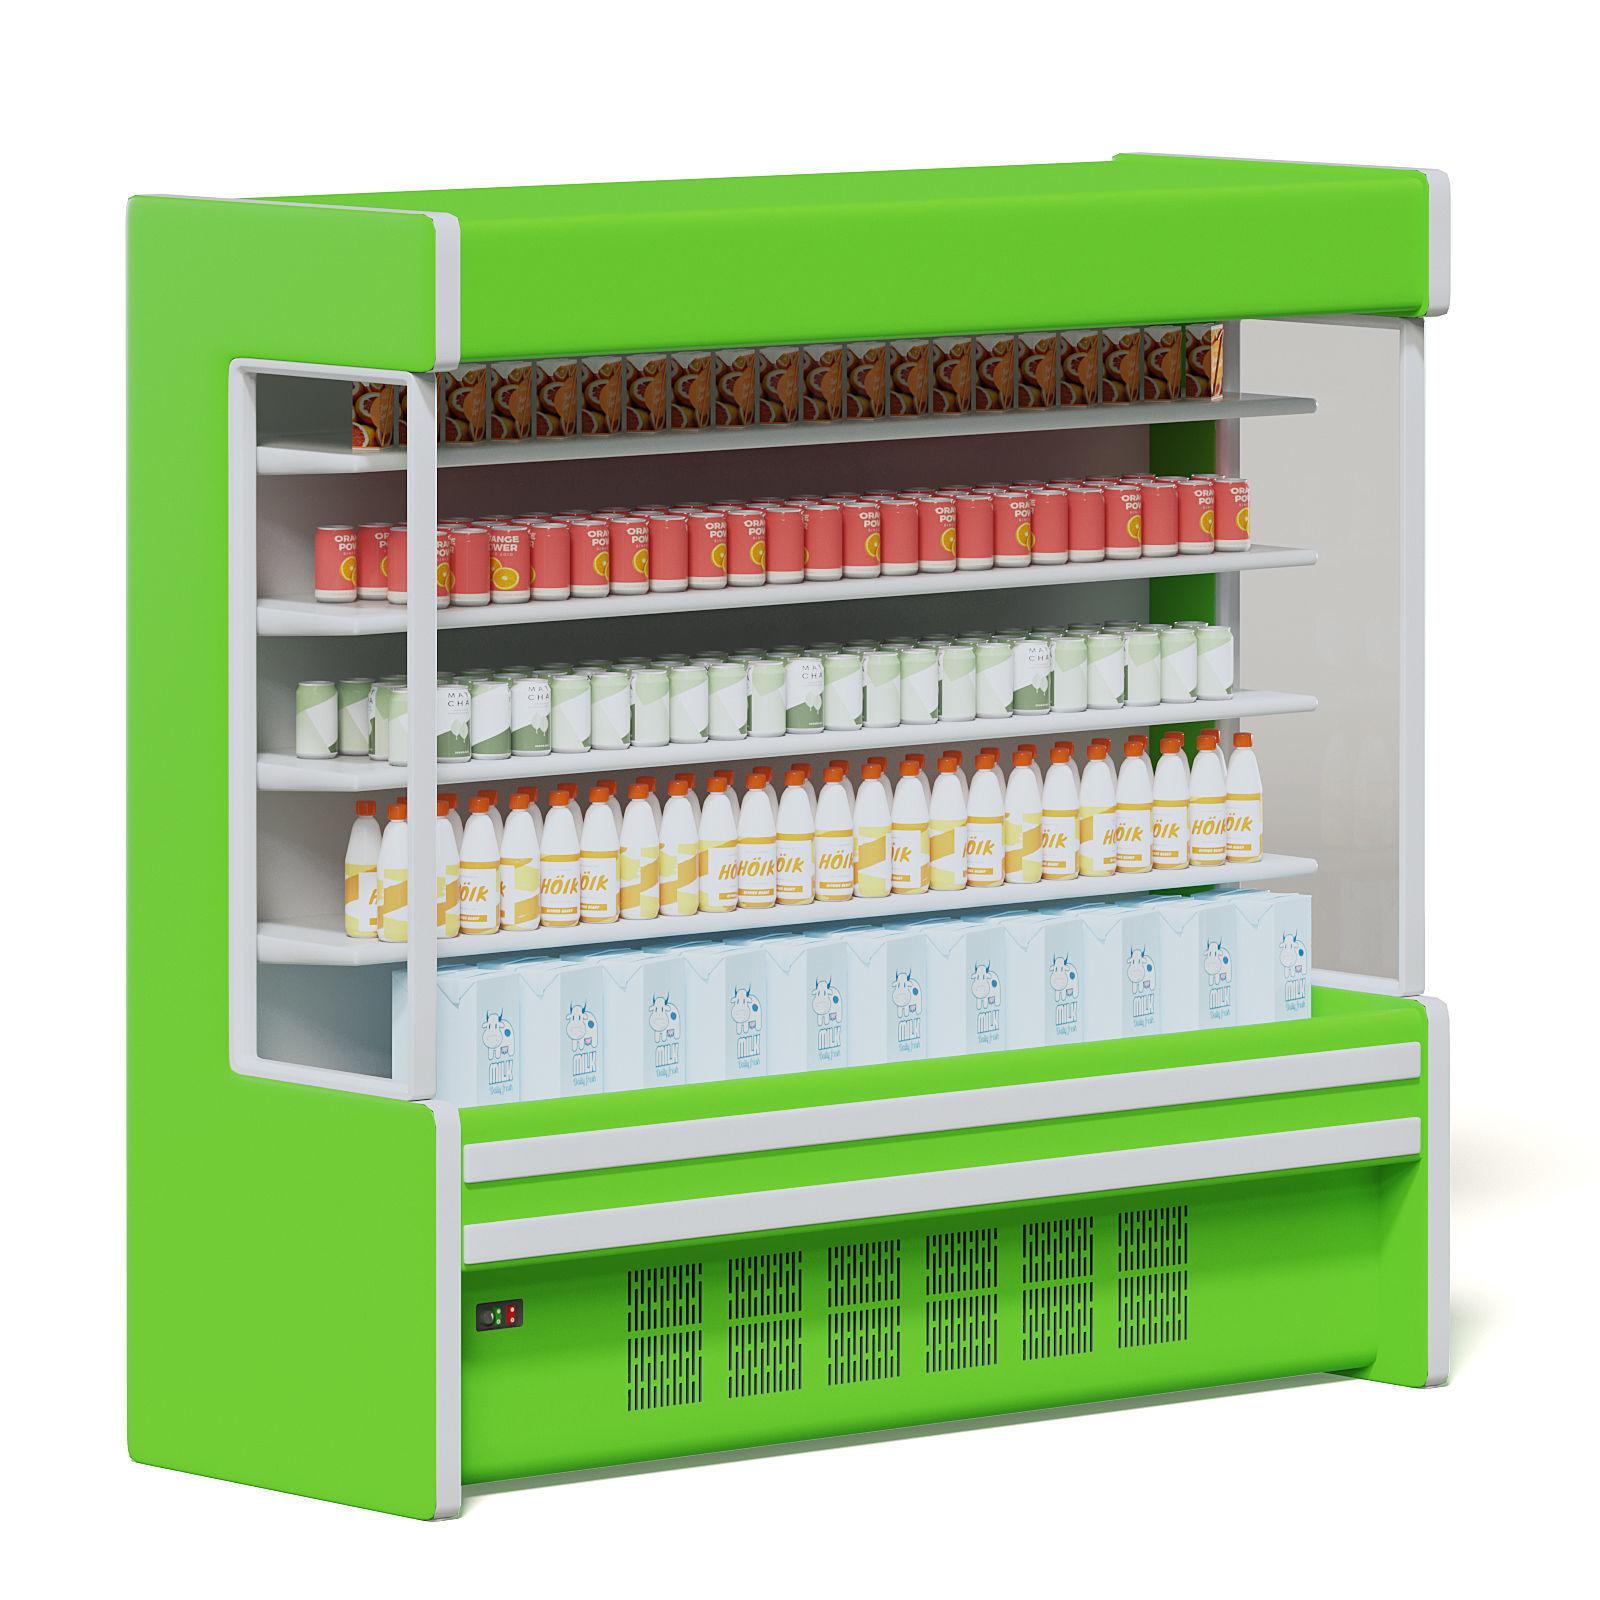 Green Market Fridge 3D Model